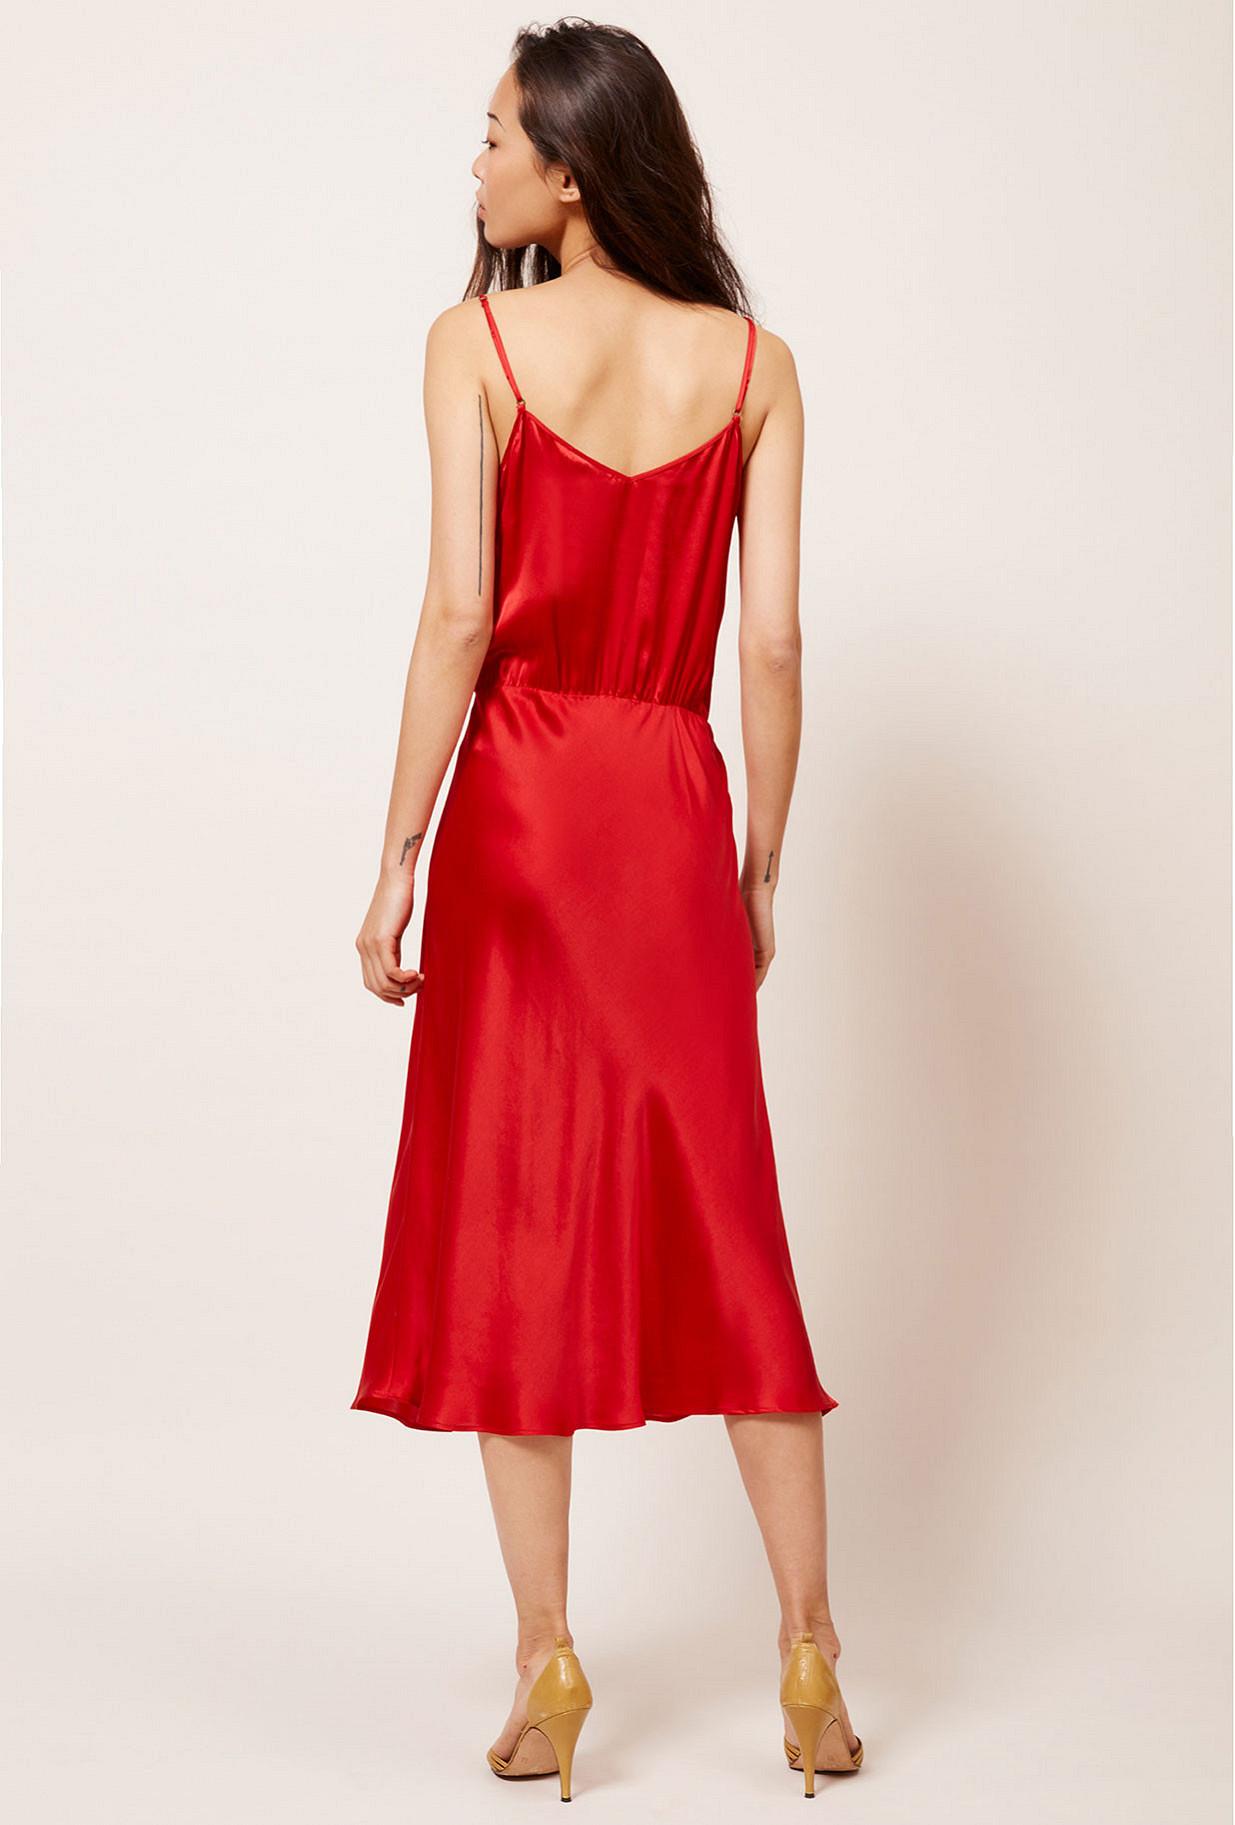 Paris clothes store Dress  Nouba french designer fashion Paris